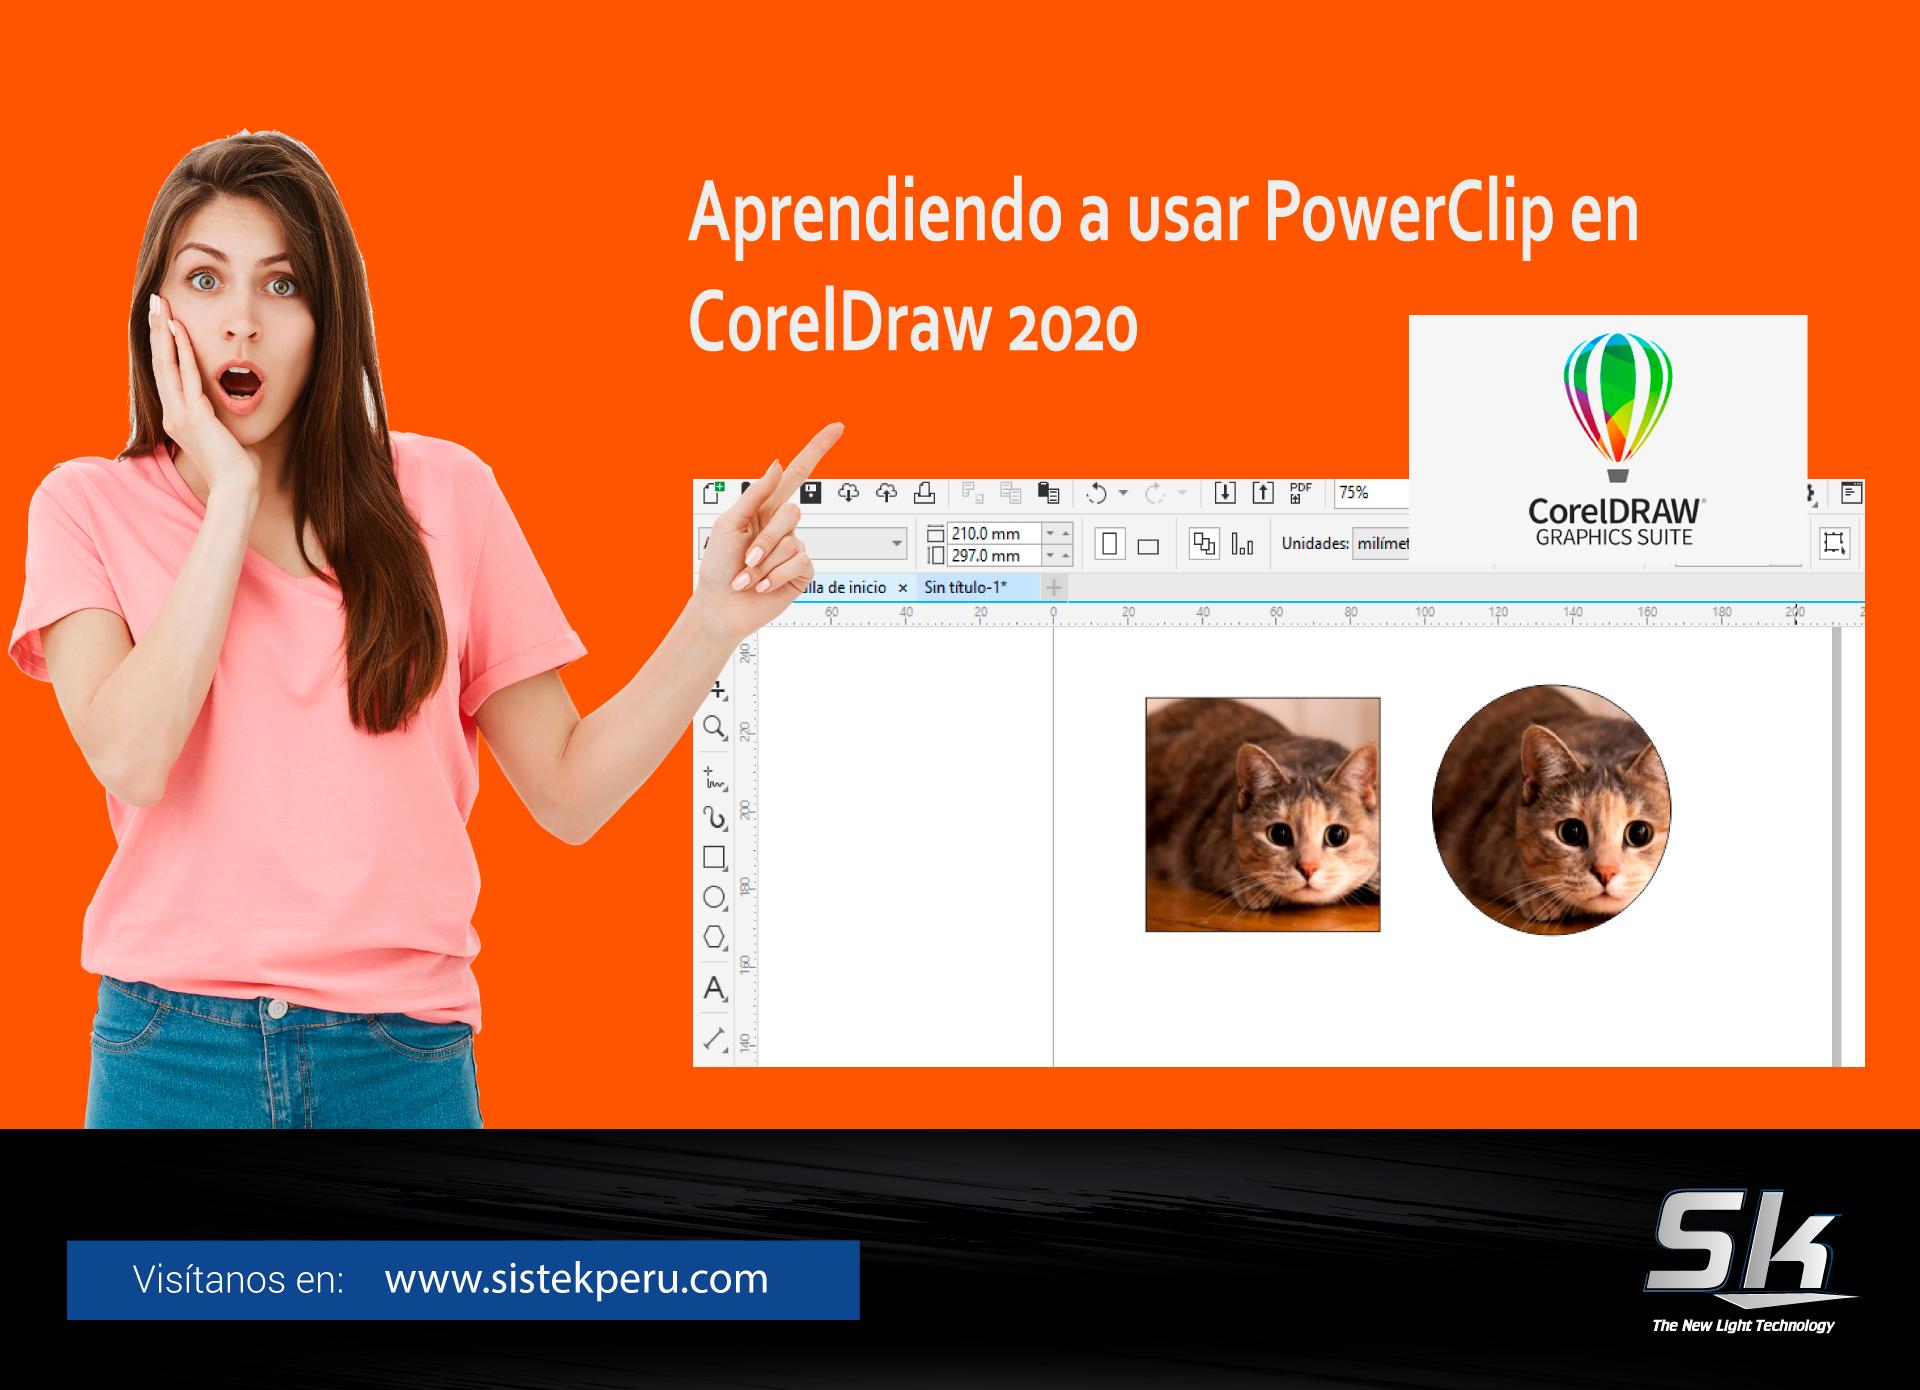 Aprendiendo a usar PowerClip en CorelDraw 2020